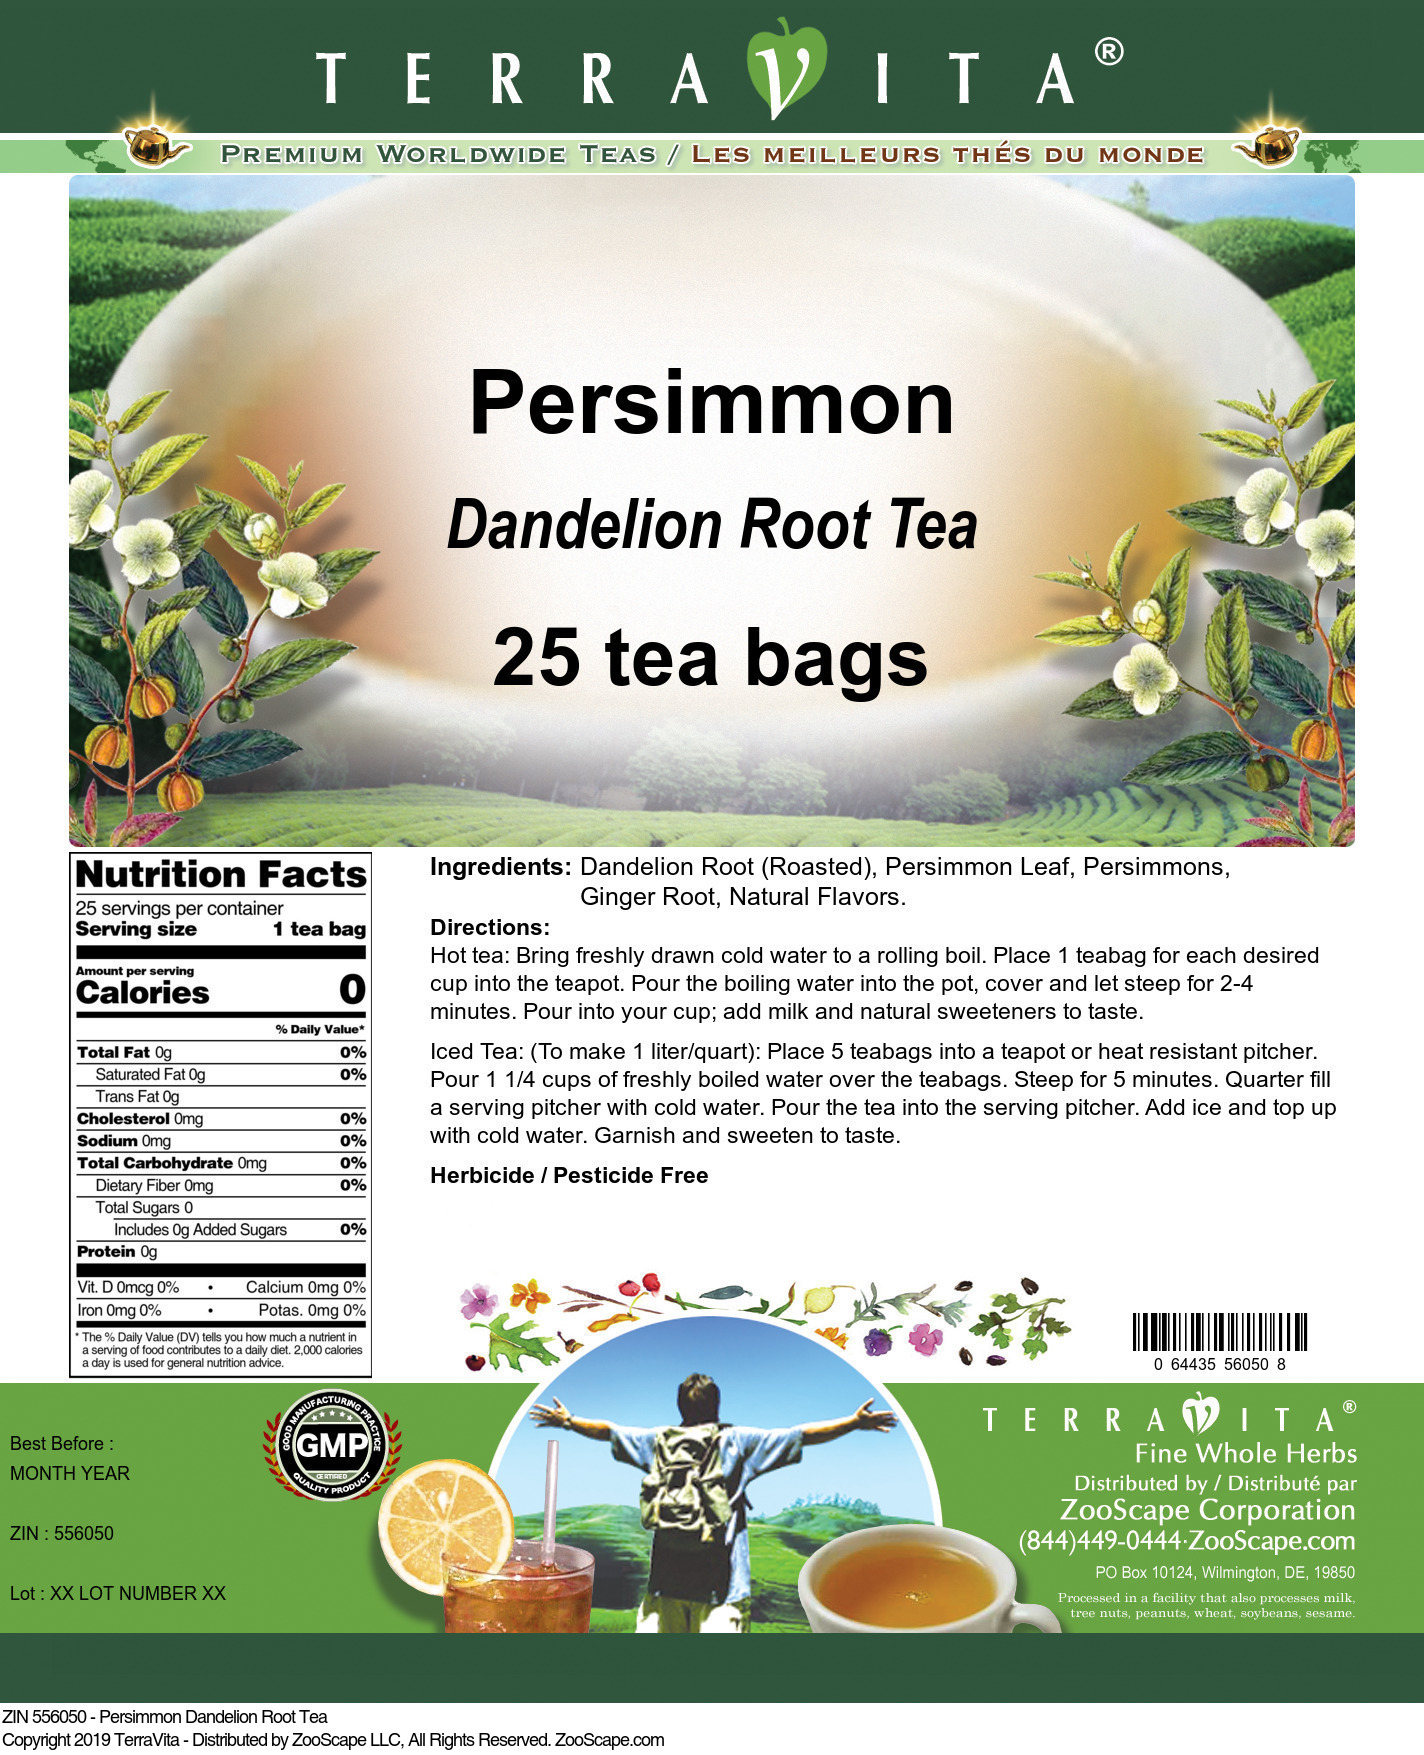 Persimmon Dandelion Root